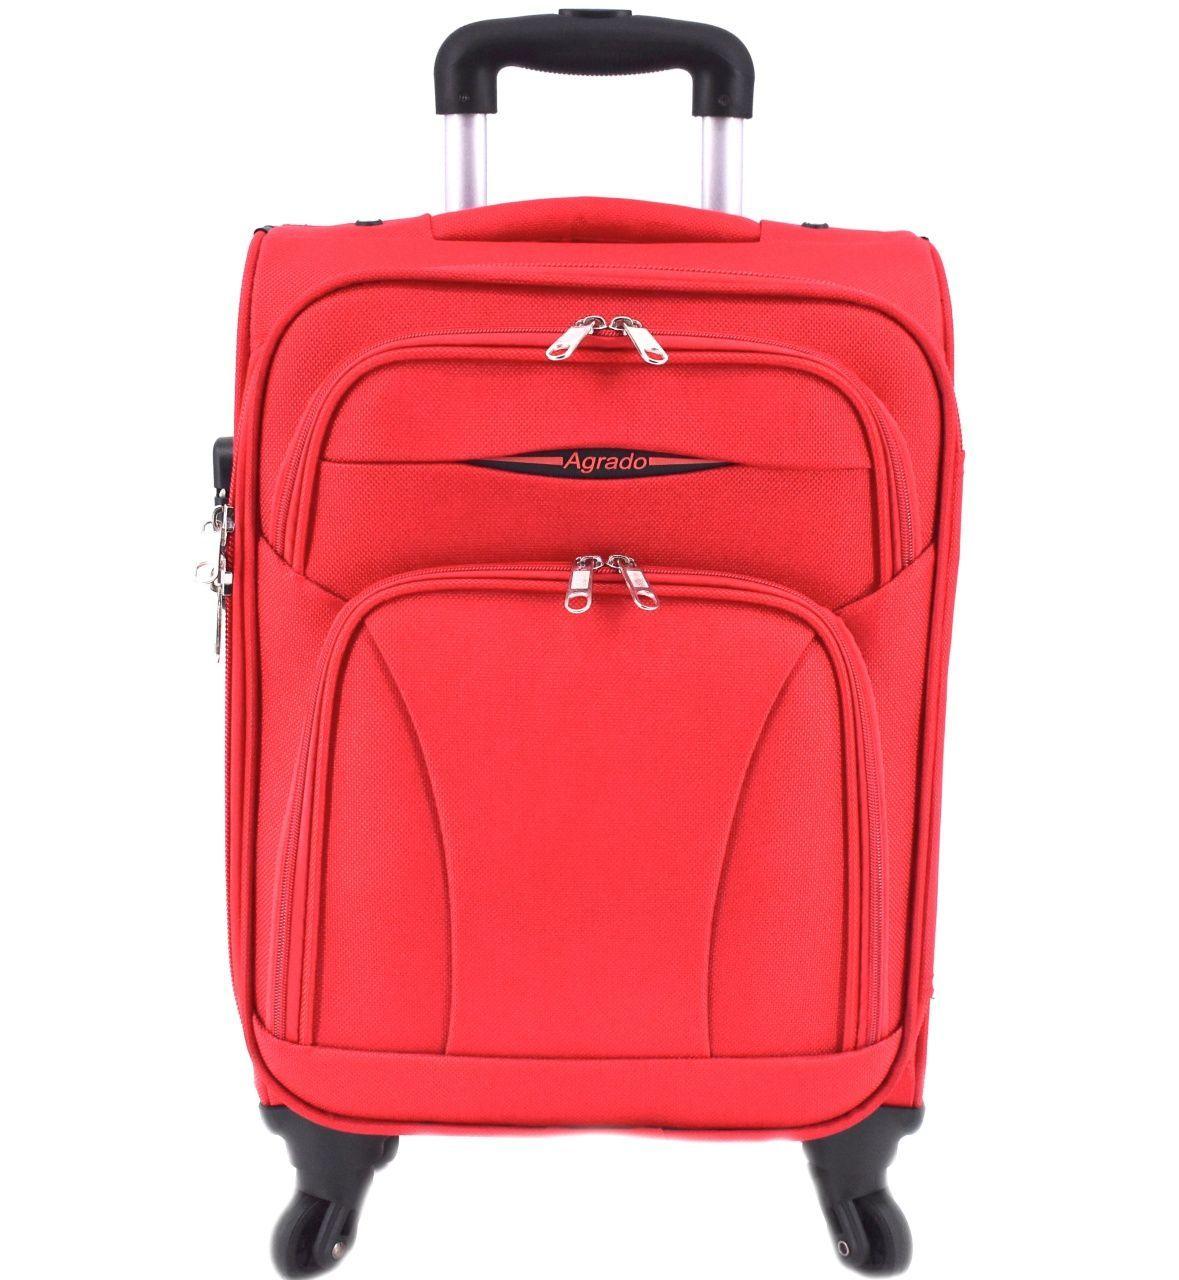 Cestovní textilní kufr na čtyřech kolečkách Agrado (XS) 35l - červená 8021 (SX)